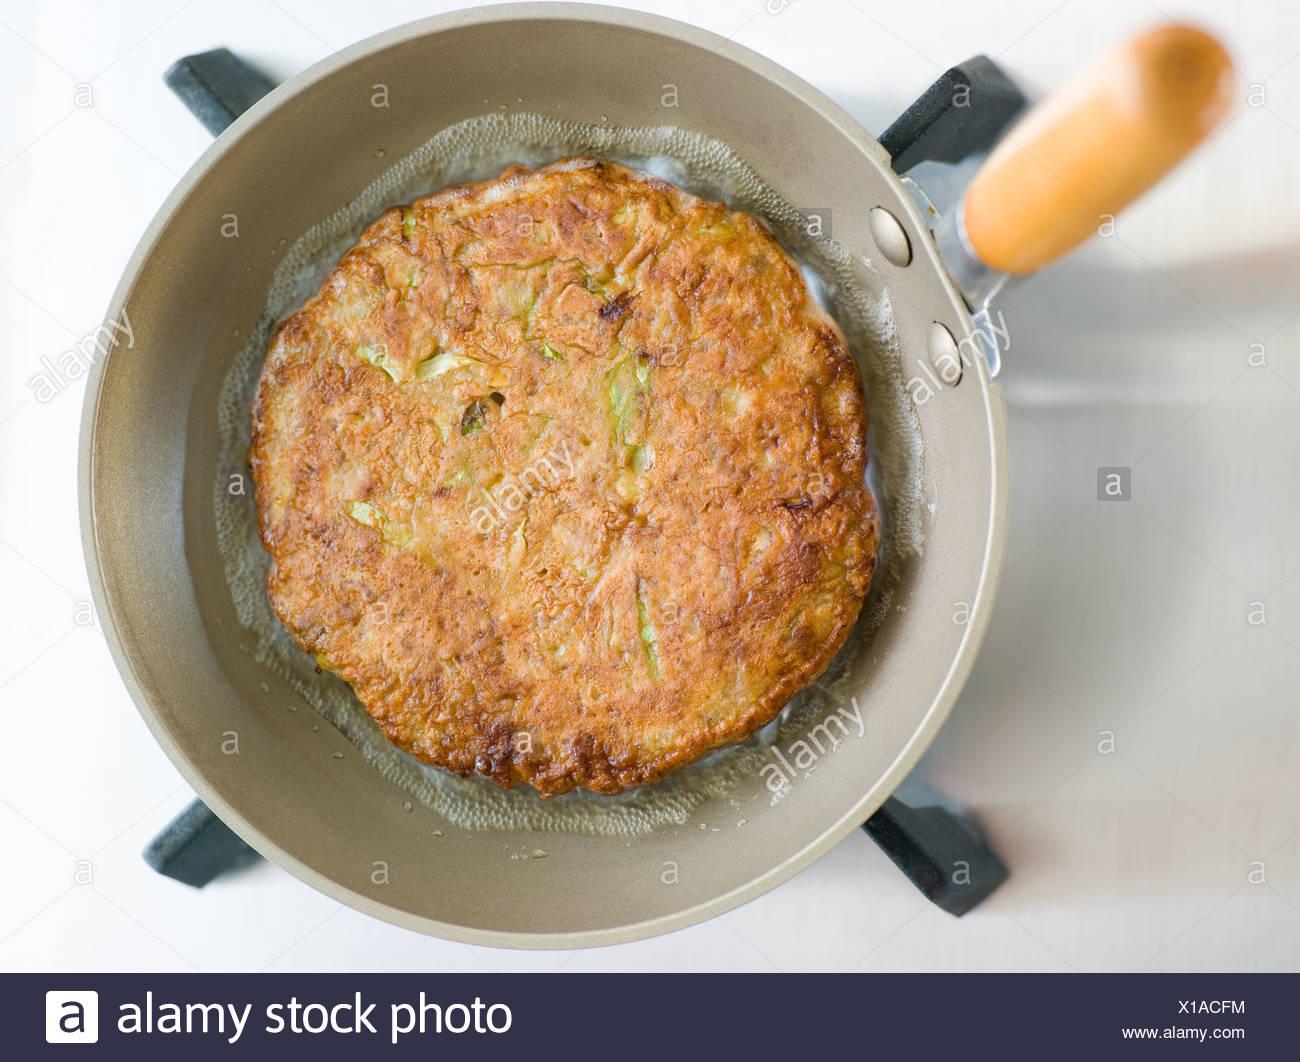 savoury pancake cooking in a japanese frying pan stock photo